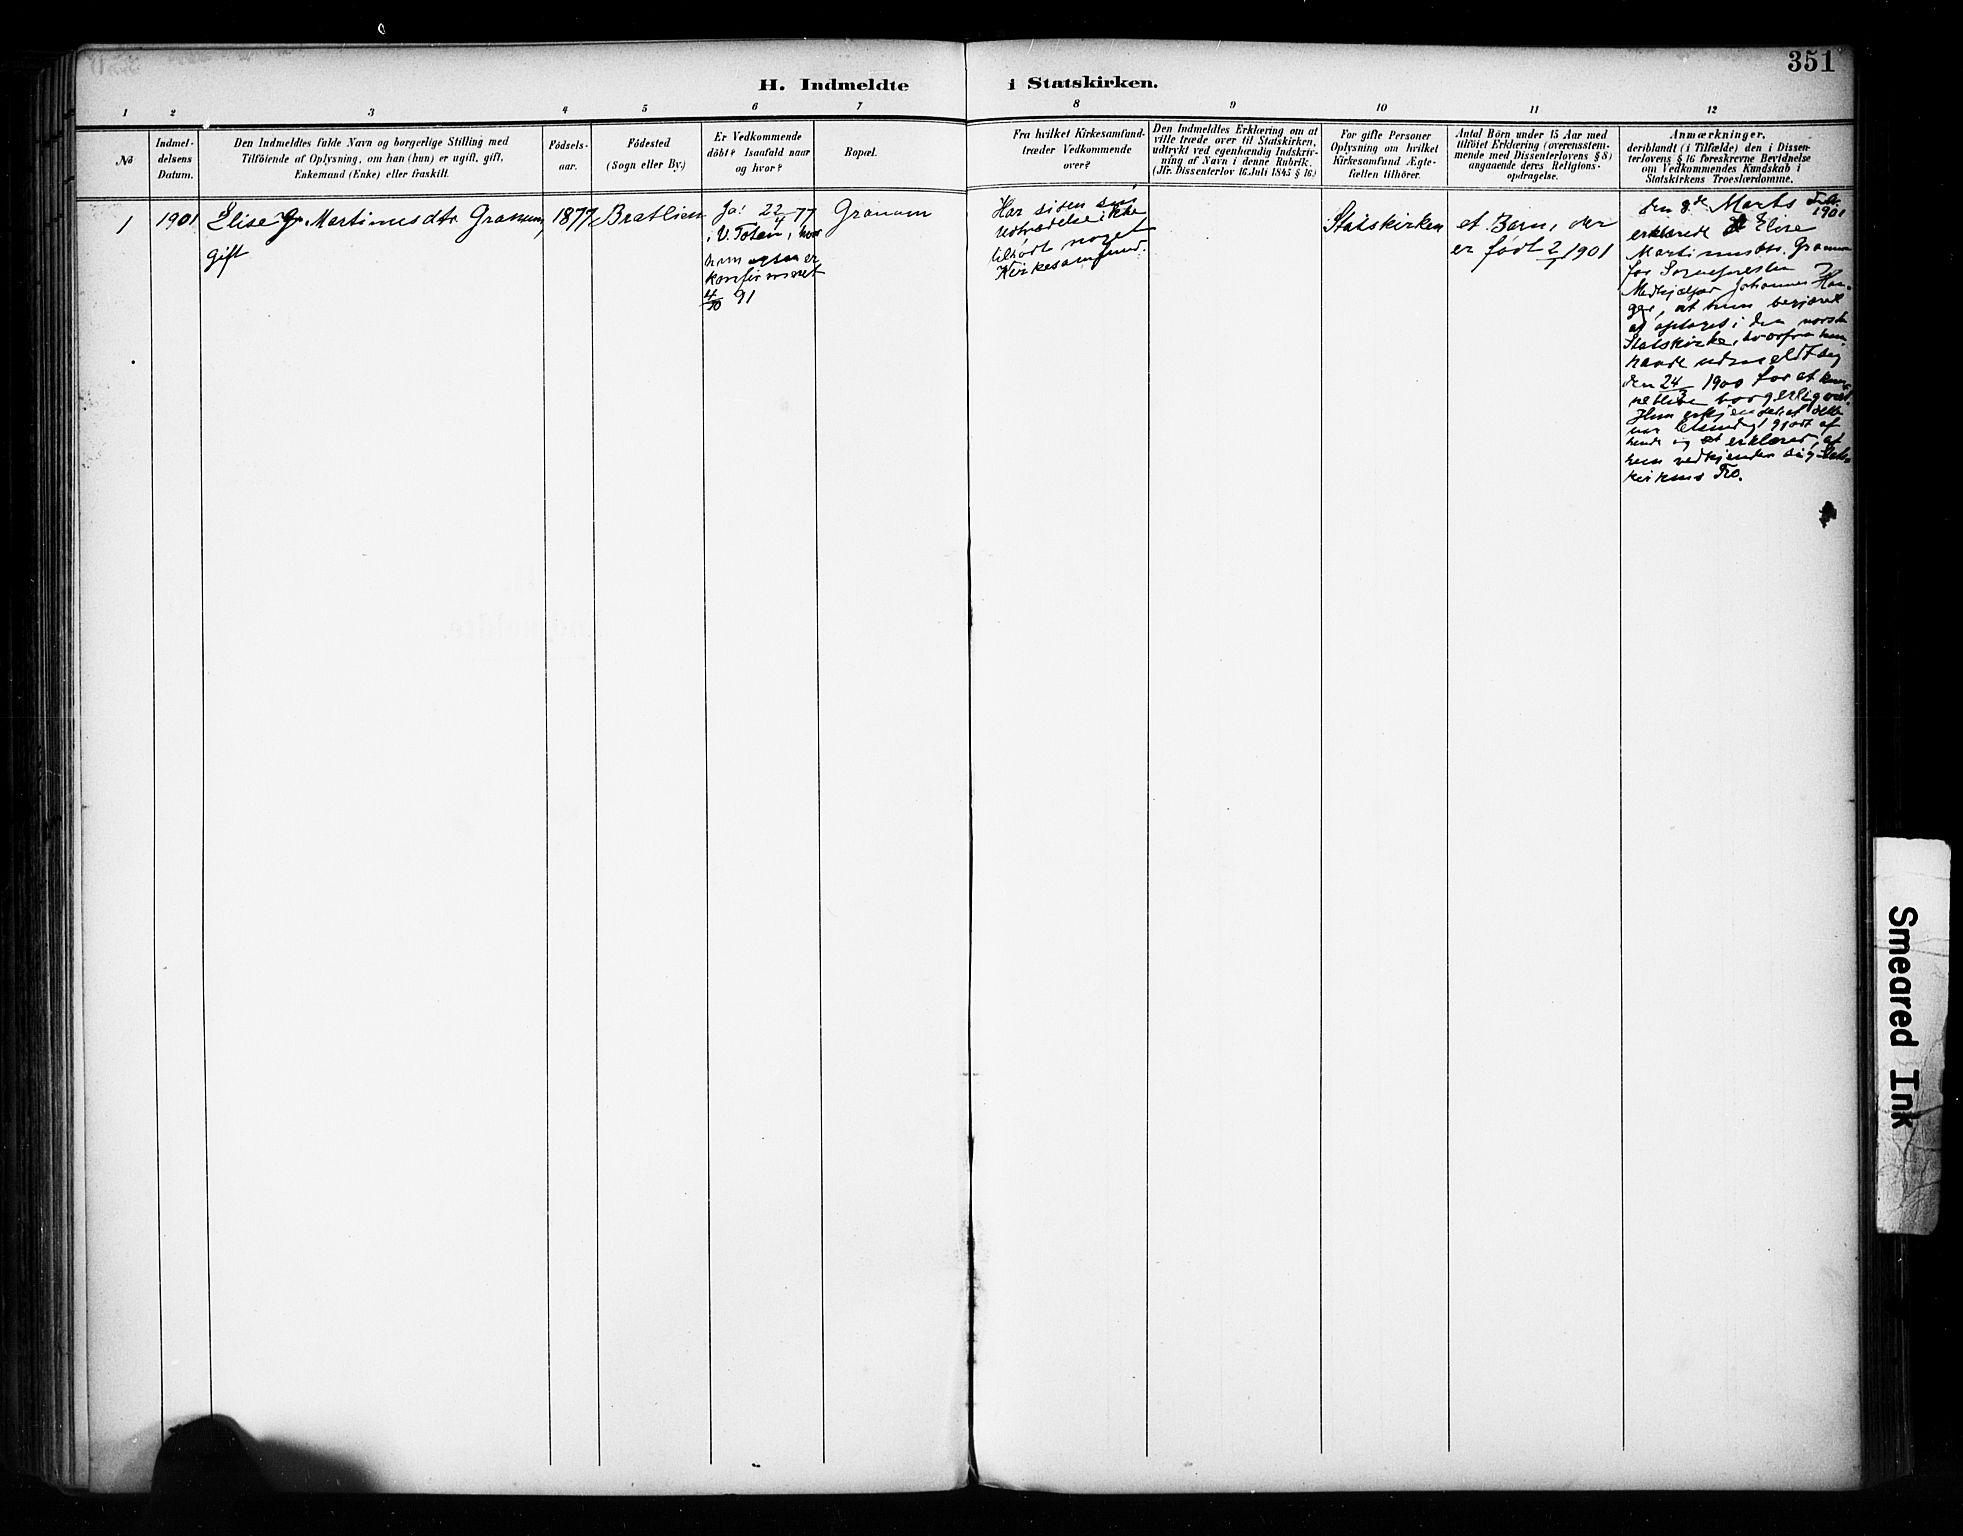 SAH, Vestre Toten prestekontor, Ministerialbok nr. 11, 1895-1906, s. 351